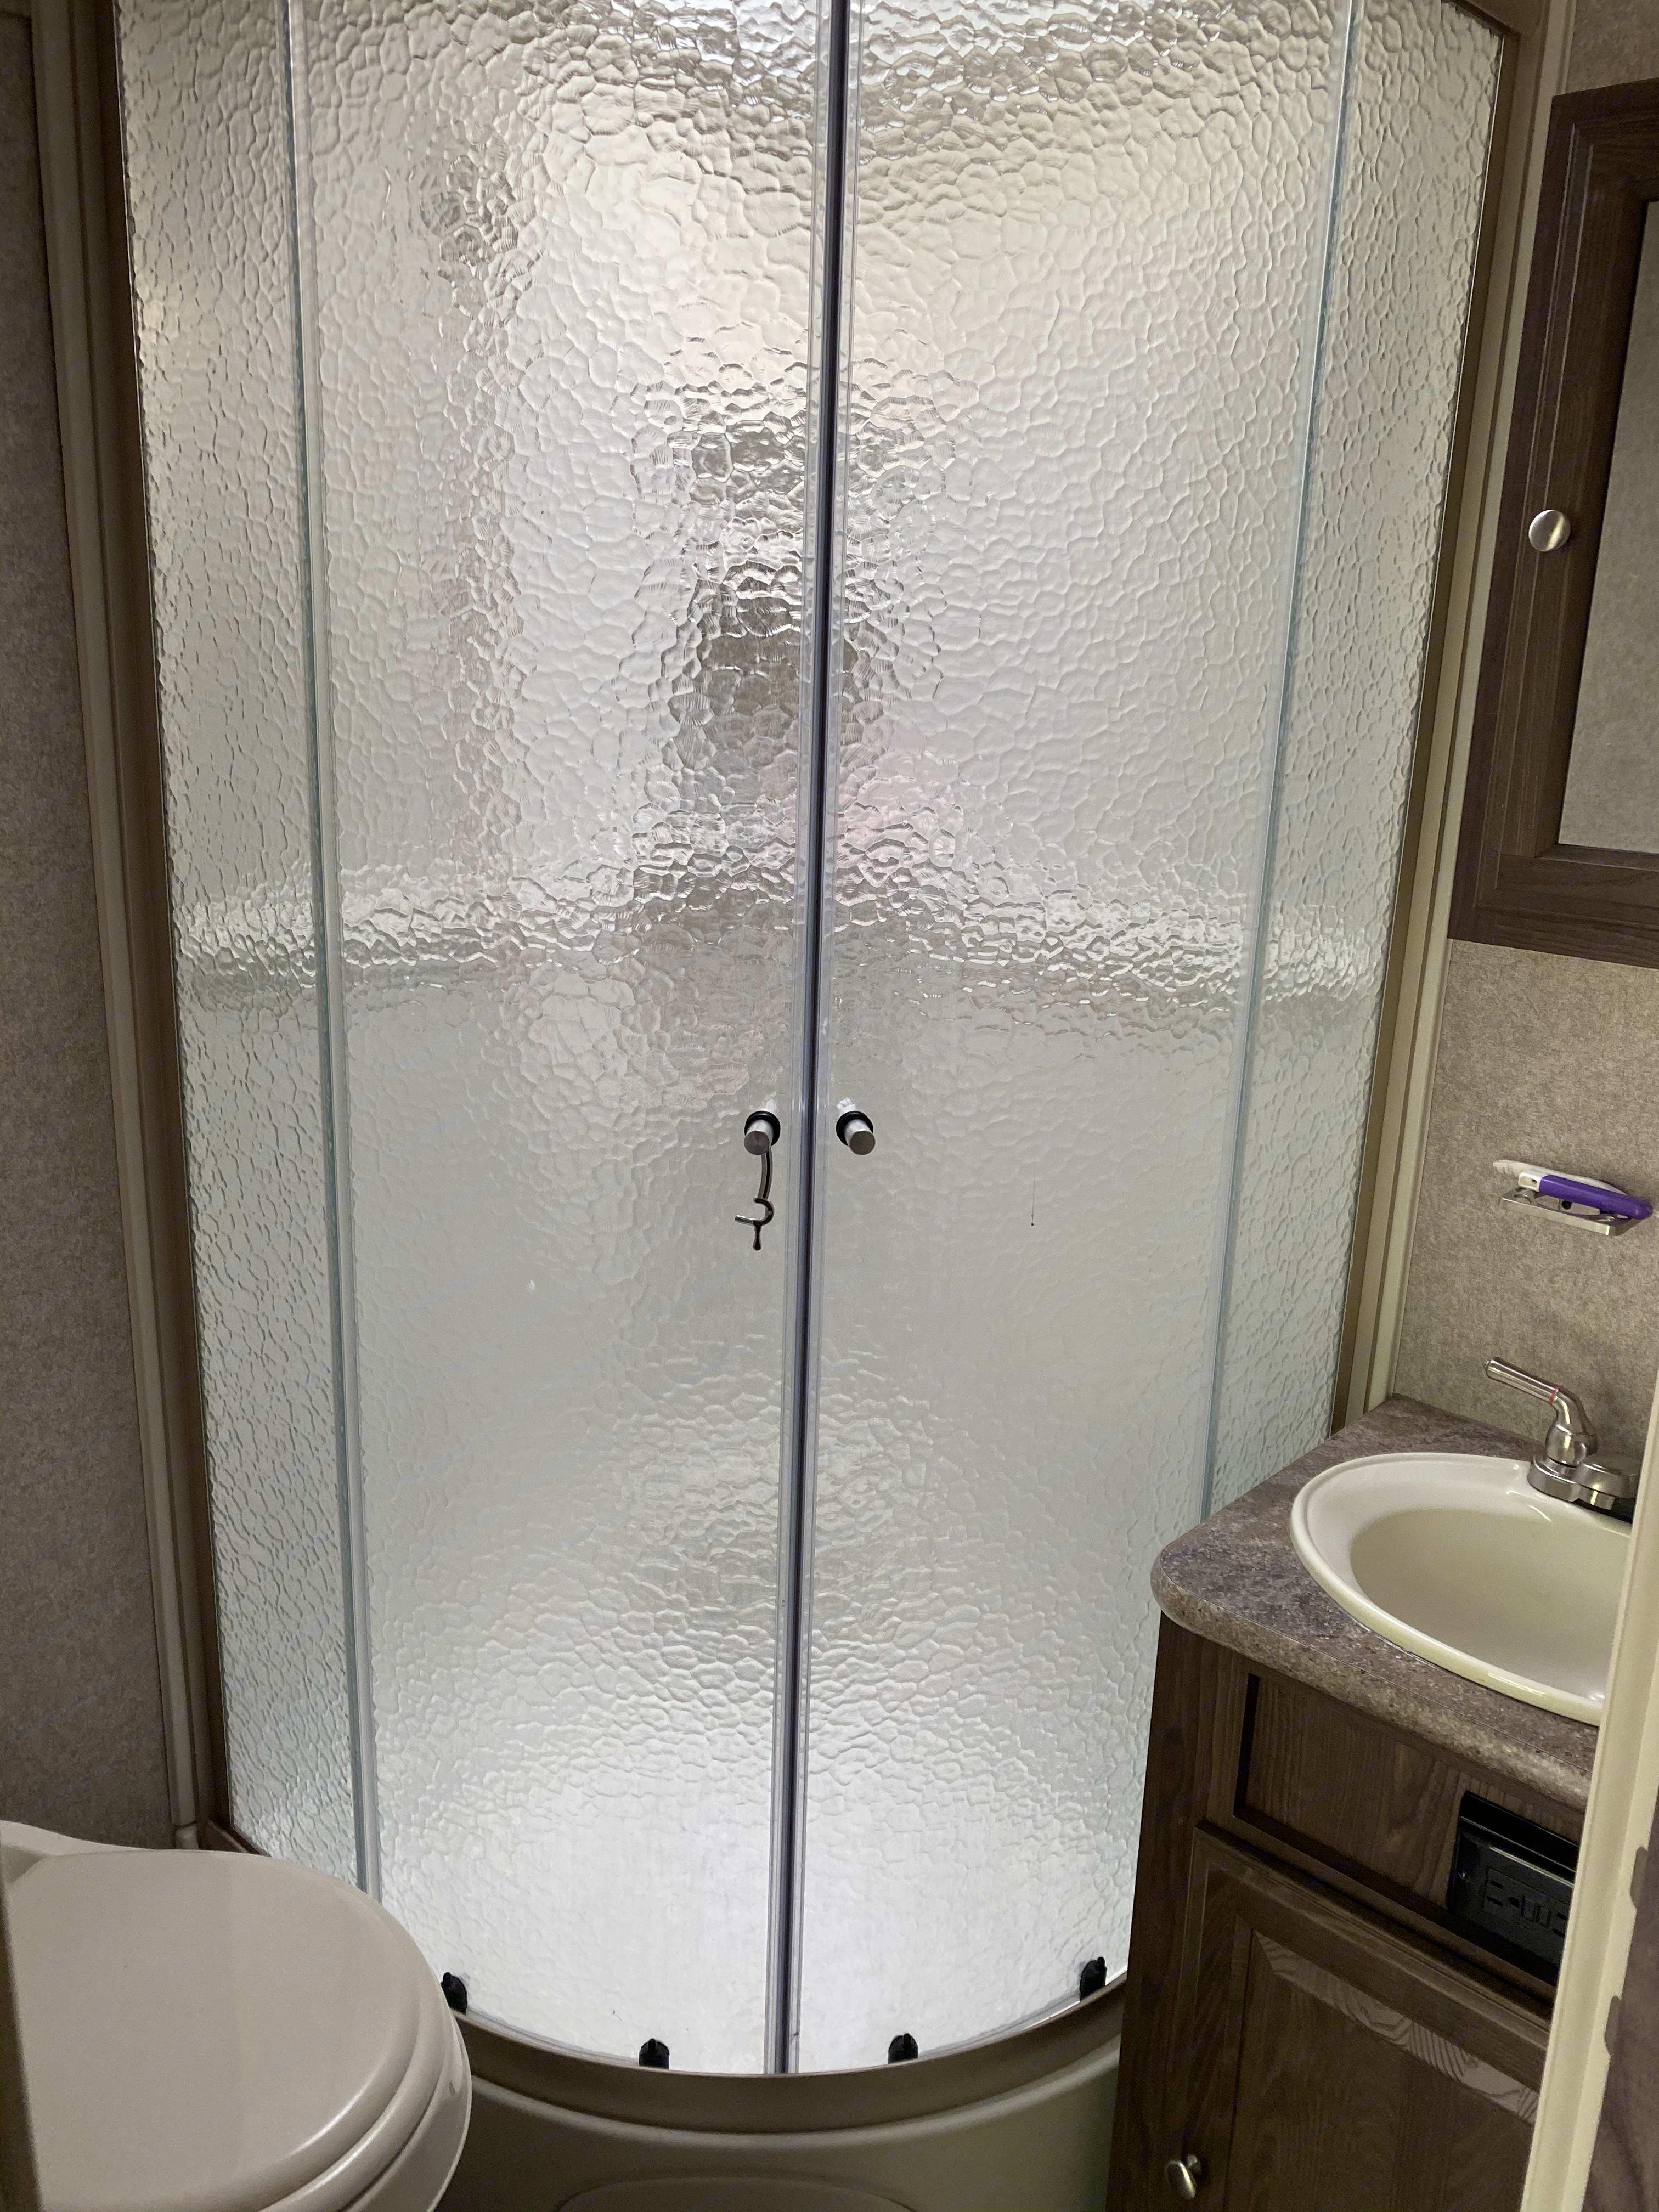 Shower, toilet, sink. Micro lite Flagstaff 2017